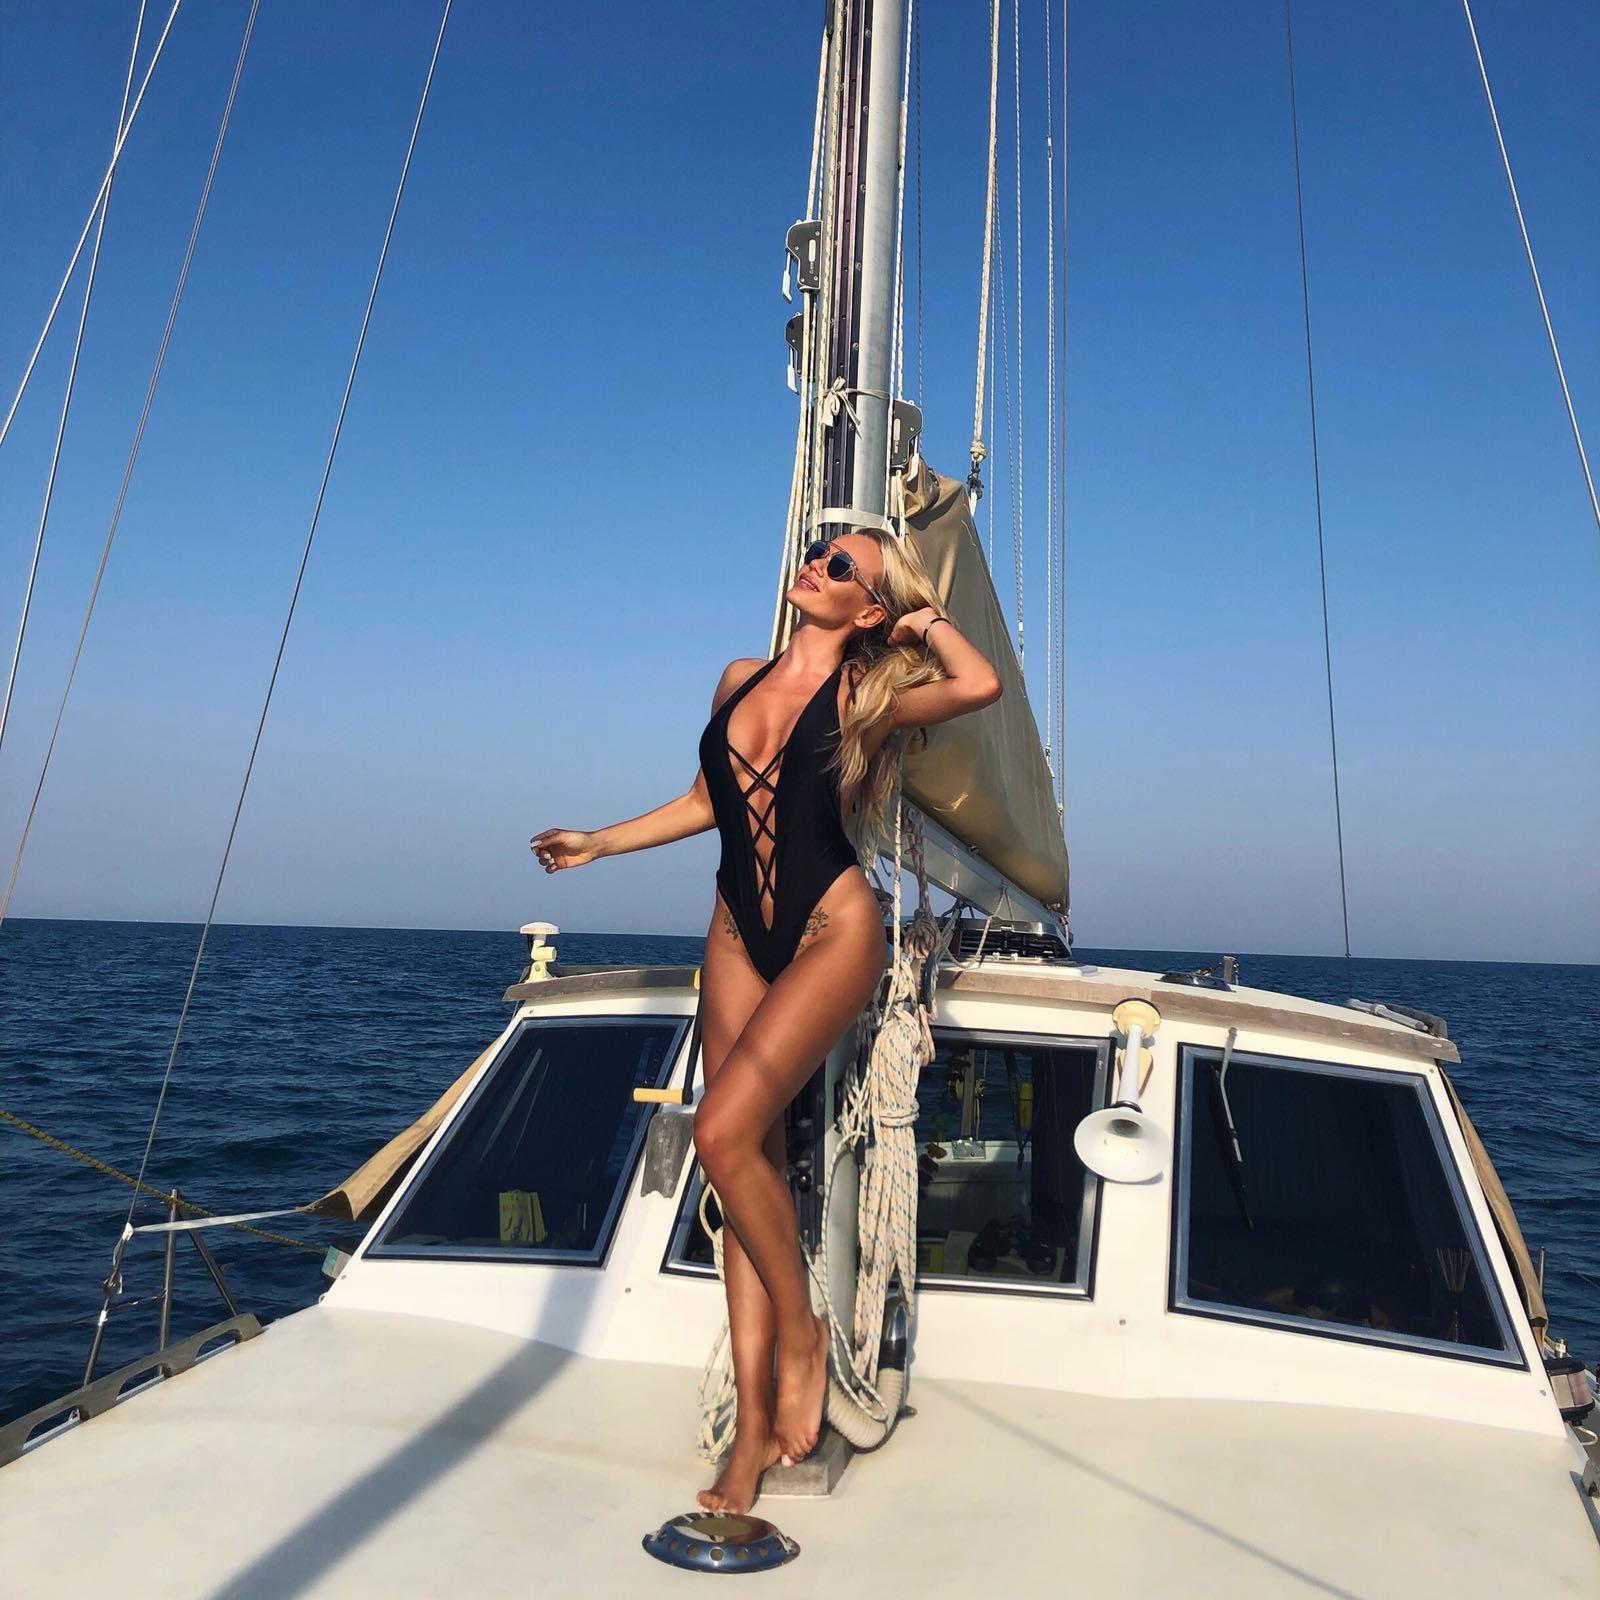 Cresciuta con le magie di AlessandroDel Piero, Diana Tinari è diventata una grandissima tifosa della Juve.La bionda modella, infatti, non perde una partita dei bianconeri.